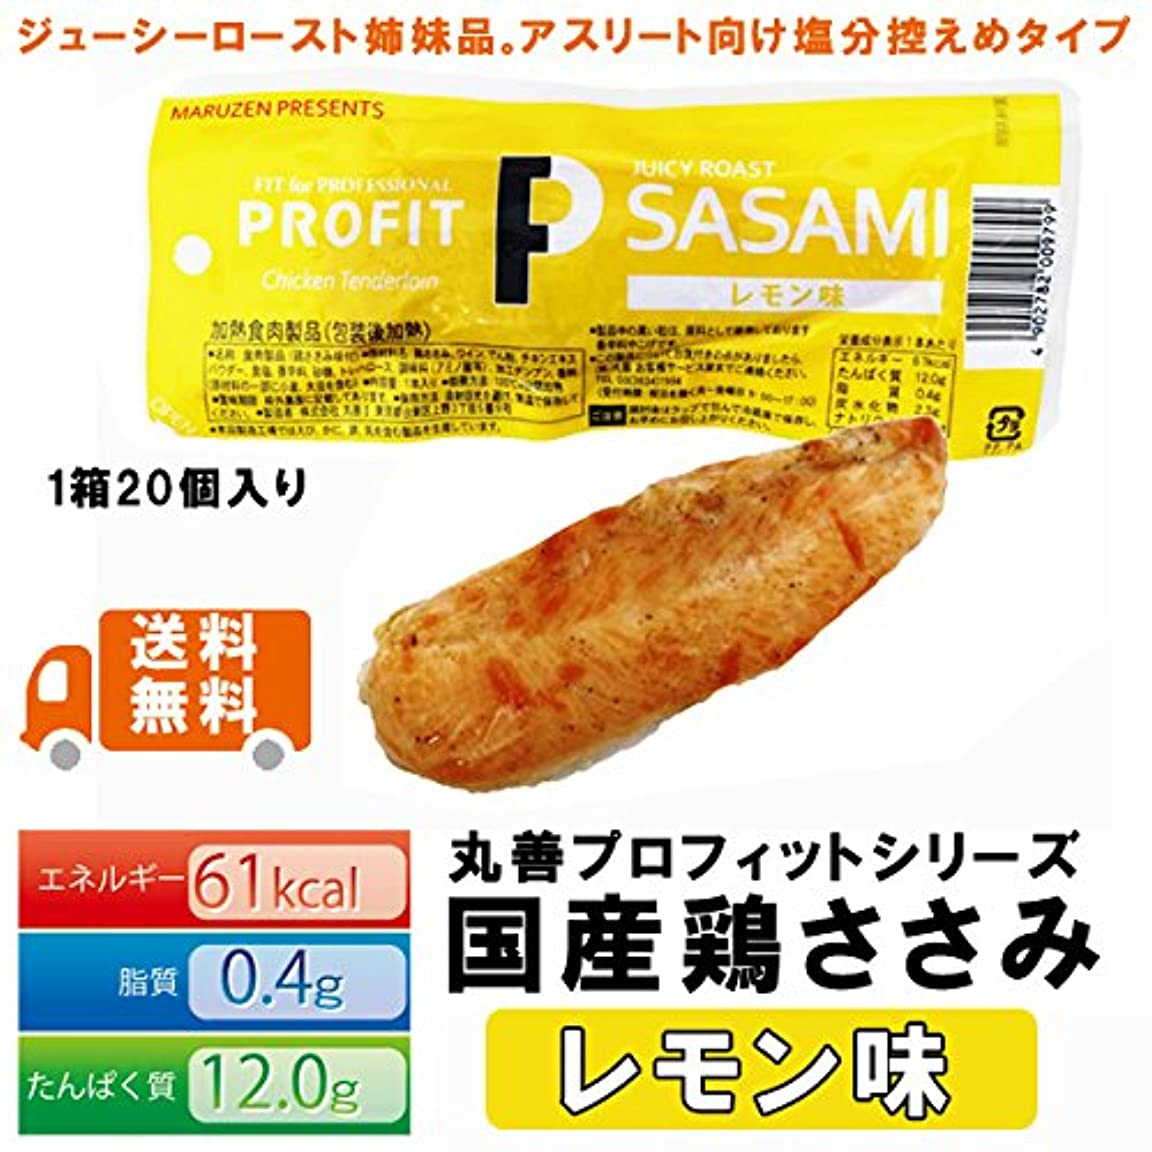 設計図代名詞有名丸善 PRO-FIT プロフィットささみ 鶏ささみ レモン味 1箱20本入り